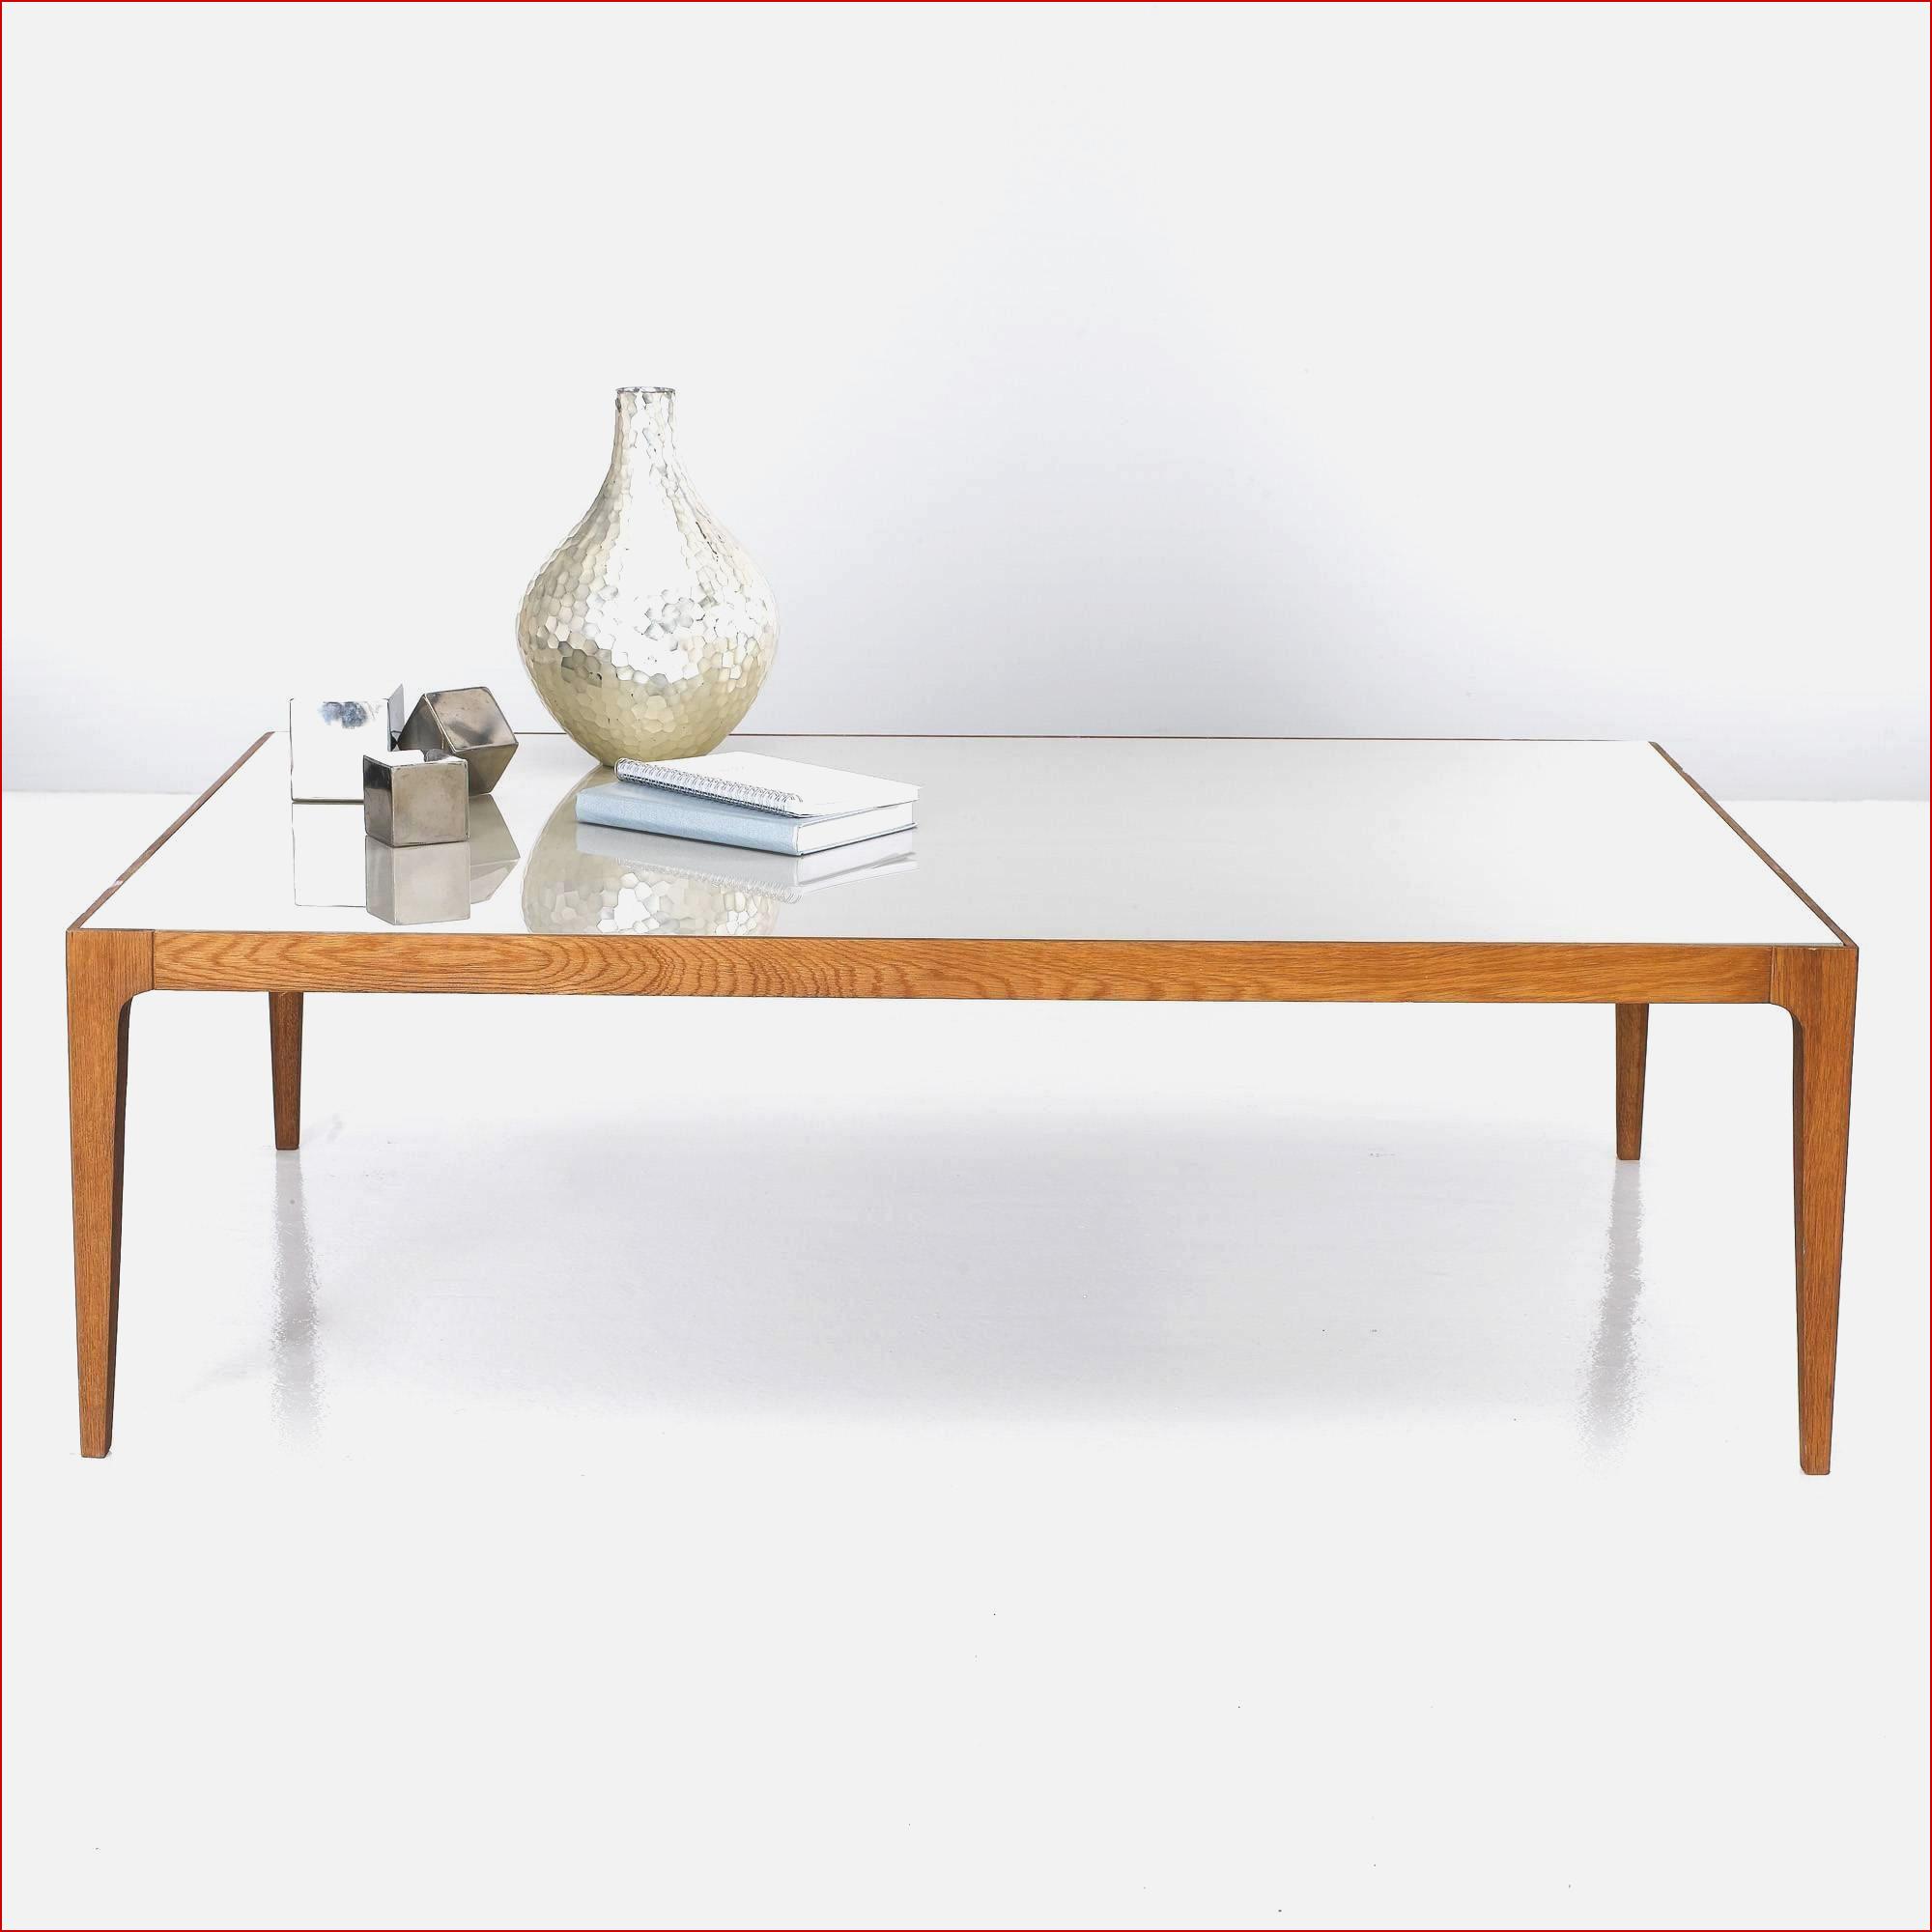 Boutique Table Basse Ronde Scandinave Ikea Gain De Y7y6gIvmbf